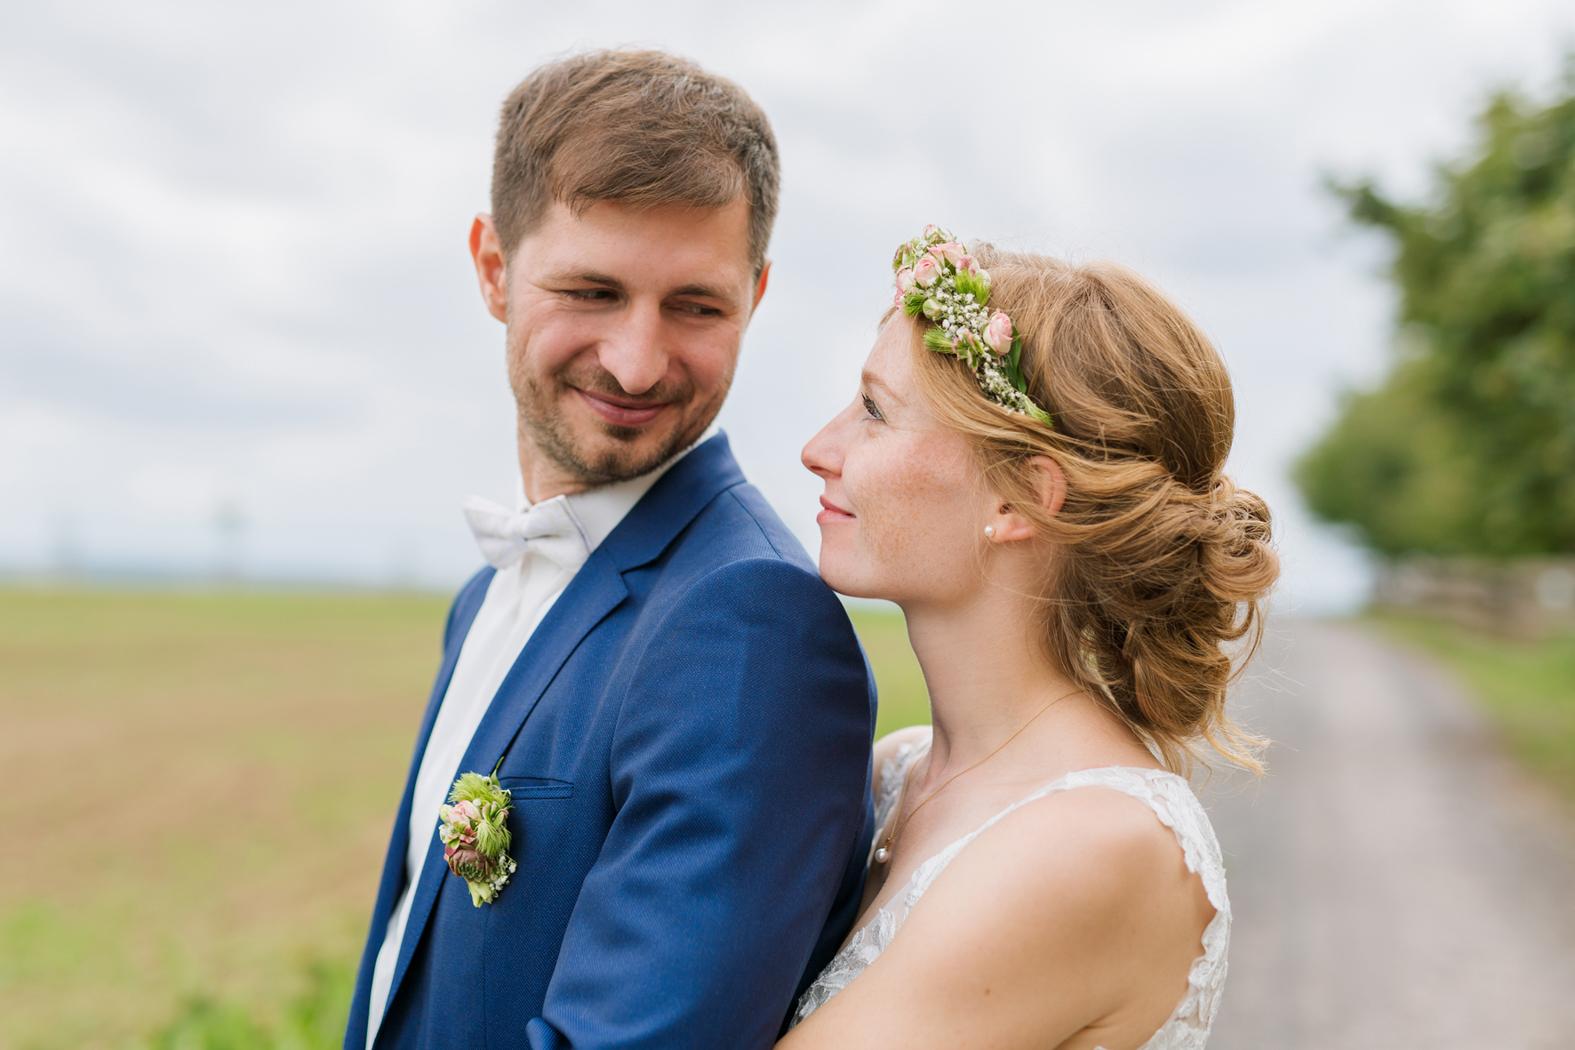 Hochzeitsfotos-Saalfeld-Voigtlaender-Zeuner (38)